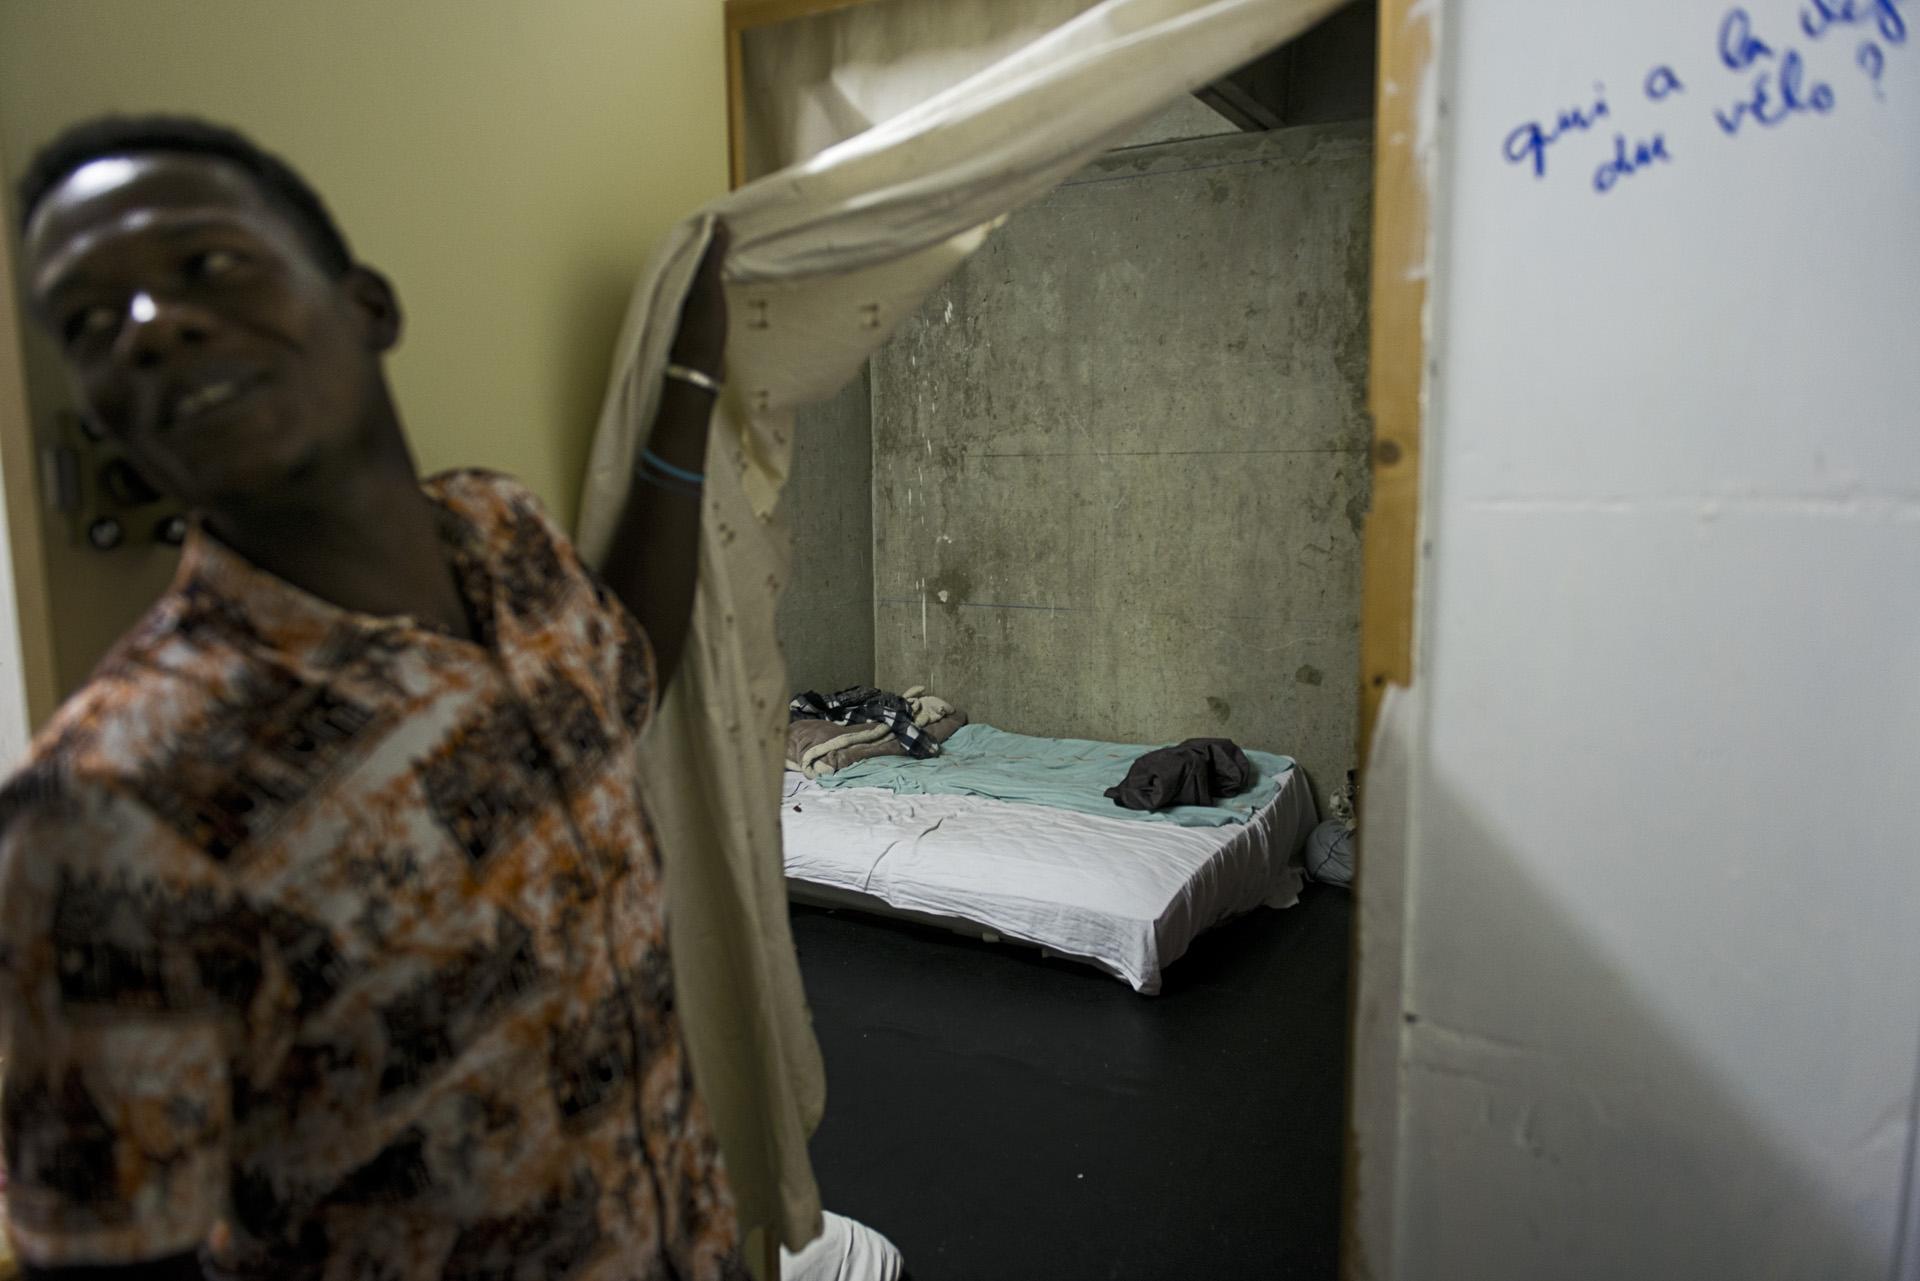 Le confort est très relatif dans la «Maison des Réfugiés»où les migrants se regroupent dans les anciennes salles de classe par nationalité. Paris 19ème, le  27 août 2015.